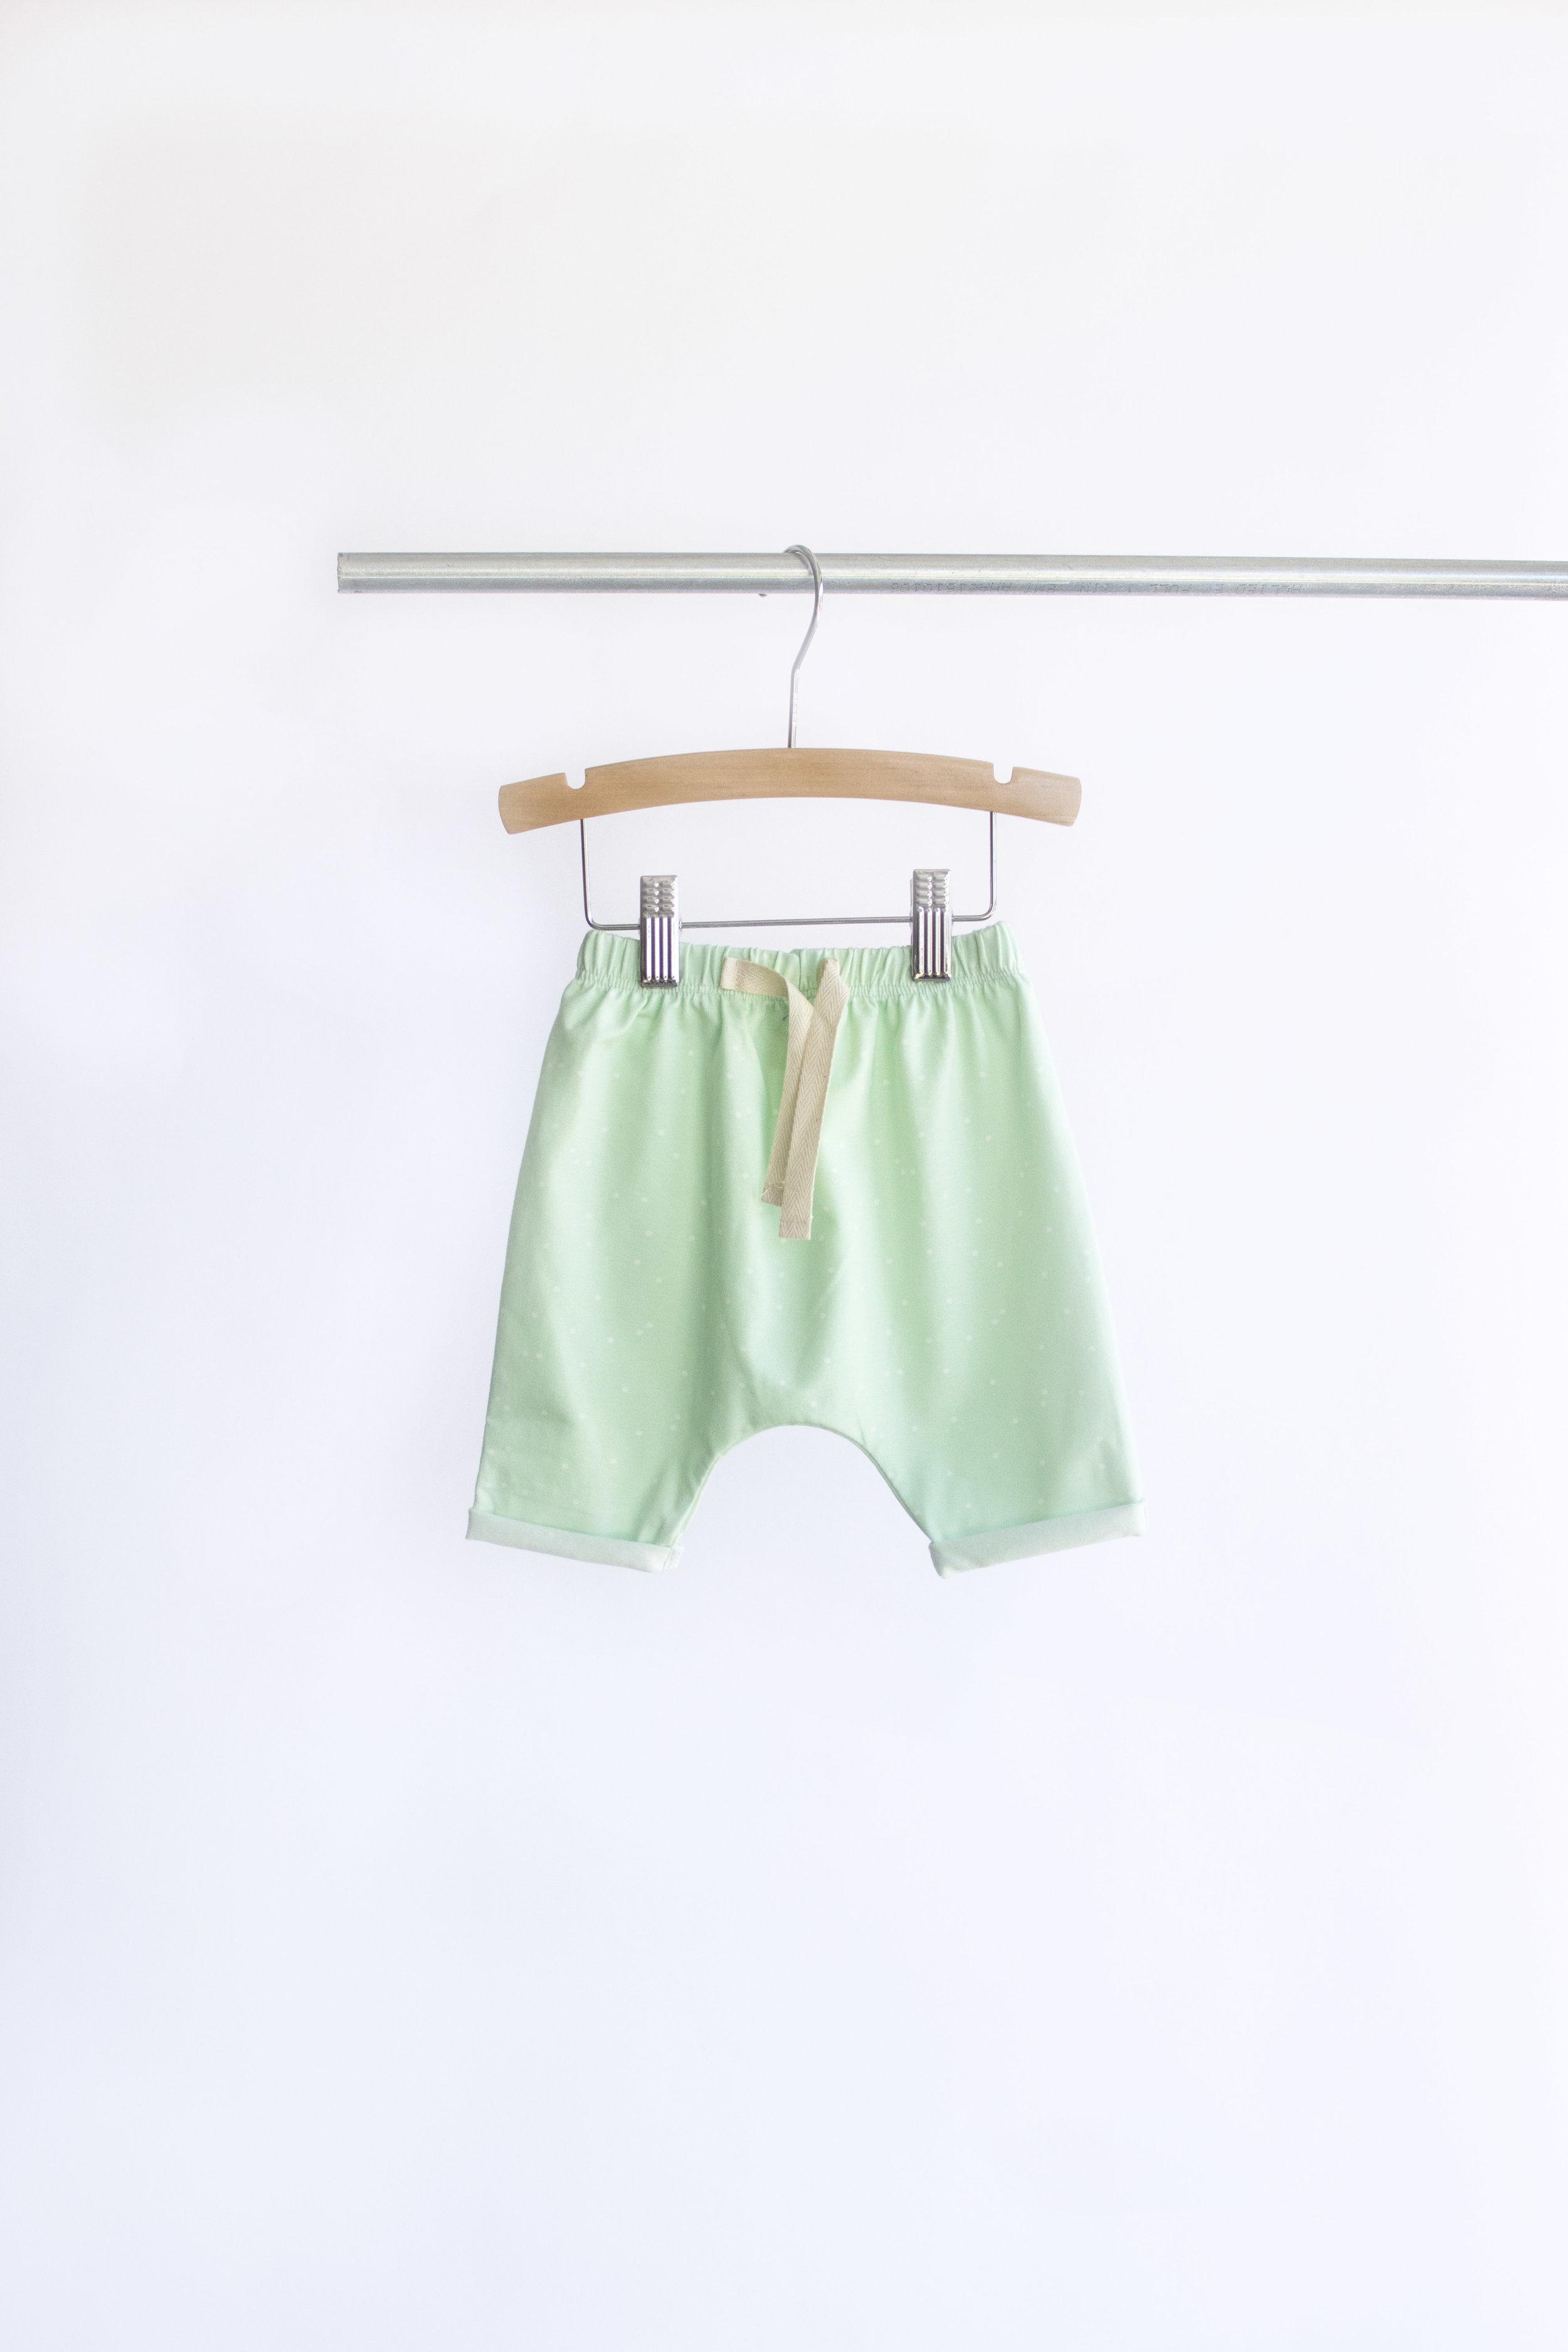 shorts6.jpg